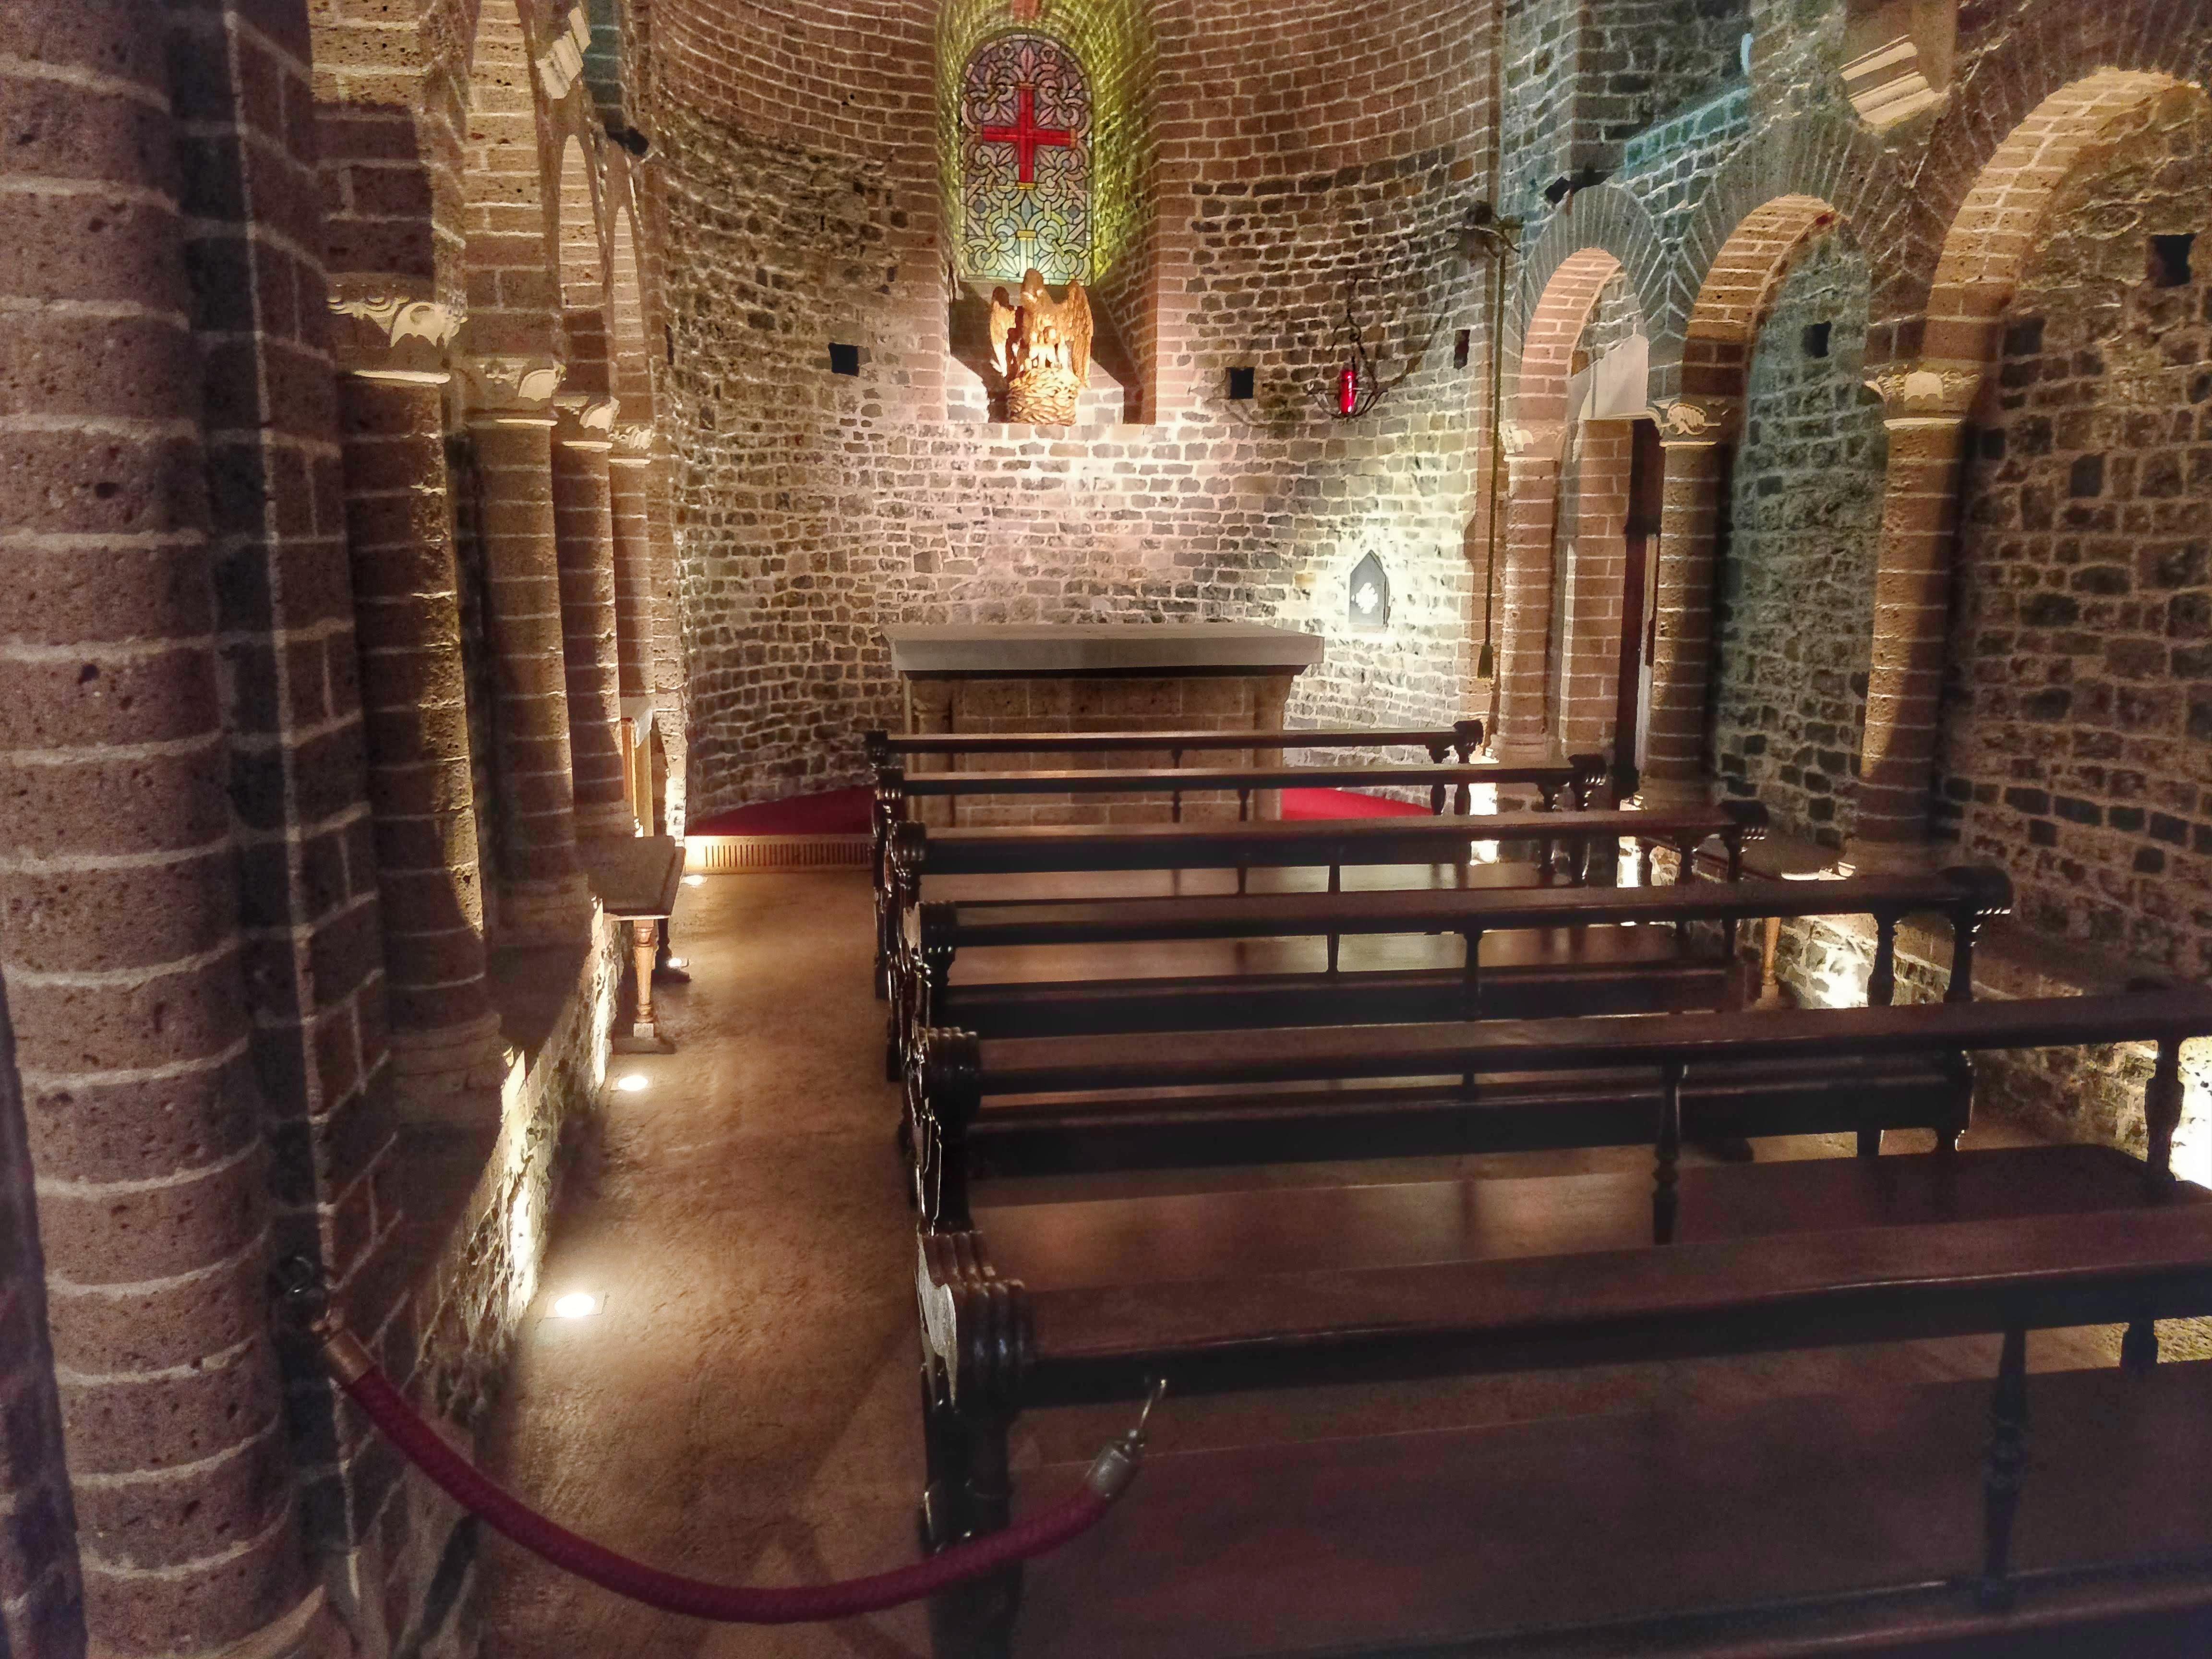 És a Szent Vér-bazilika belülről.